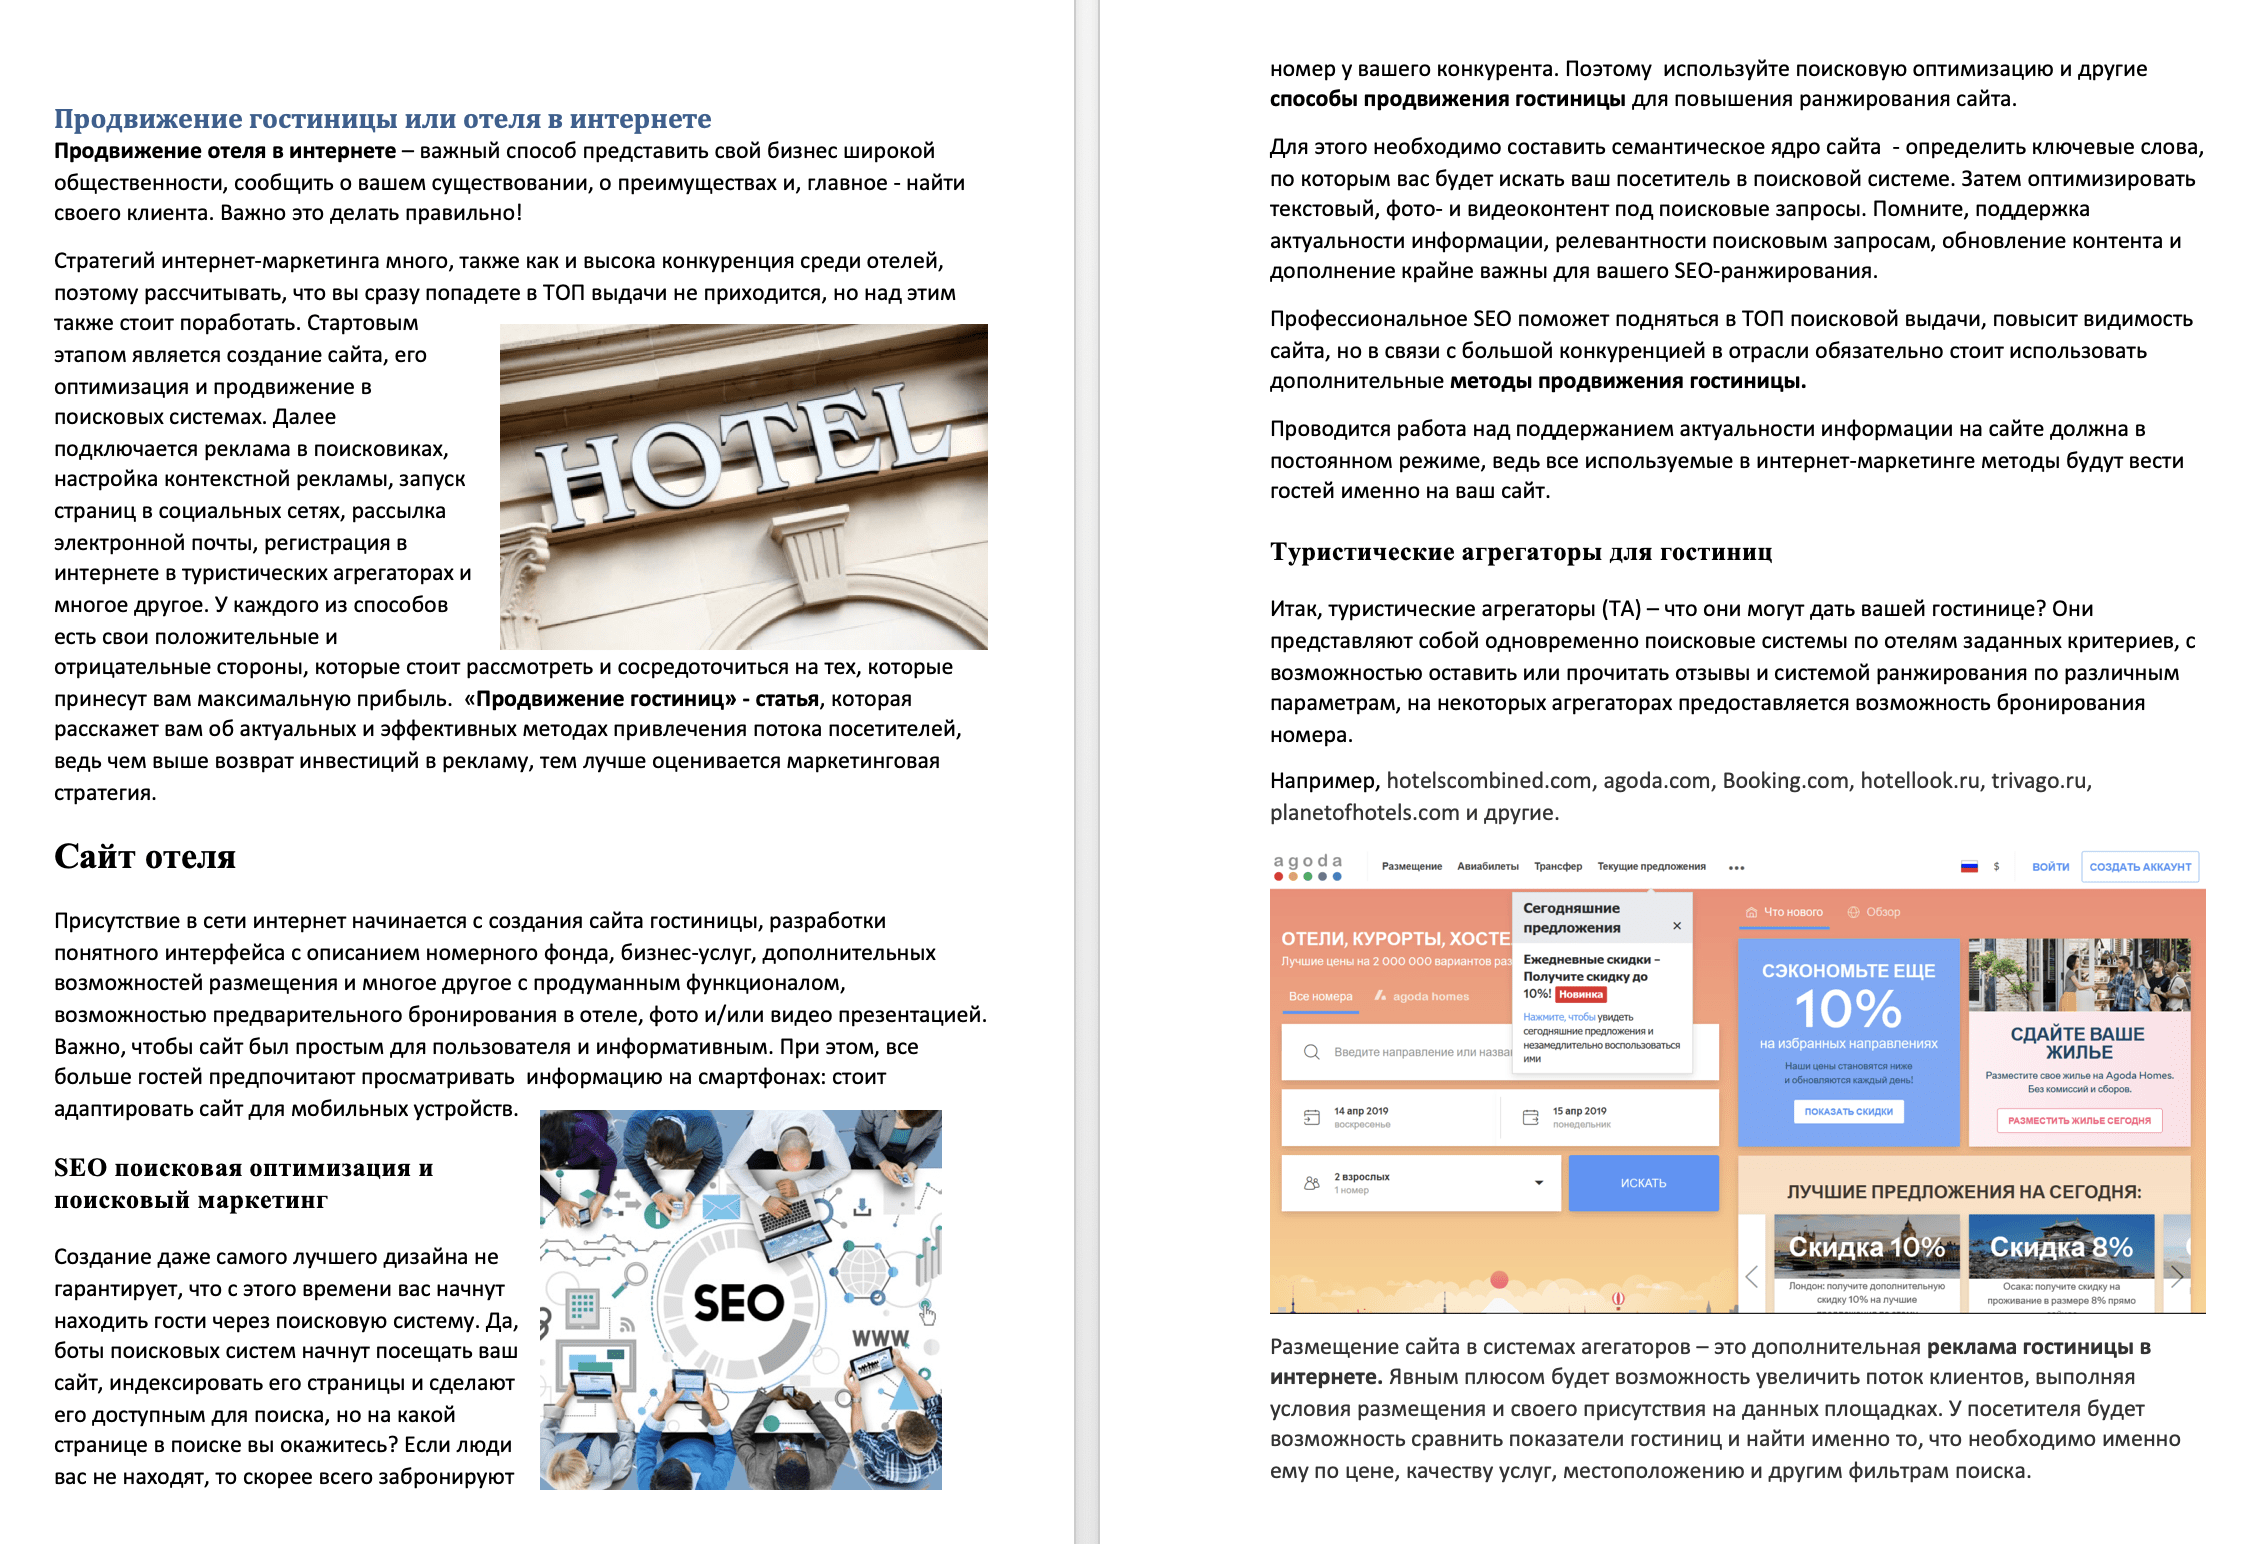 Пример текста №3 – Текст о продвижении гостиницы или отеля в интернете.